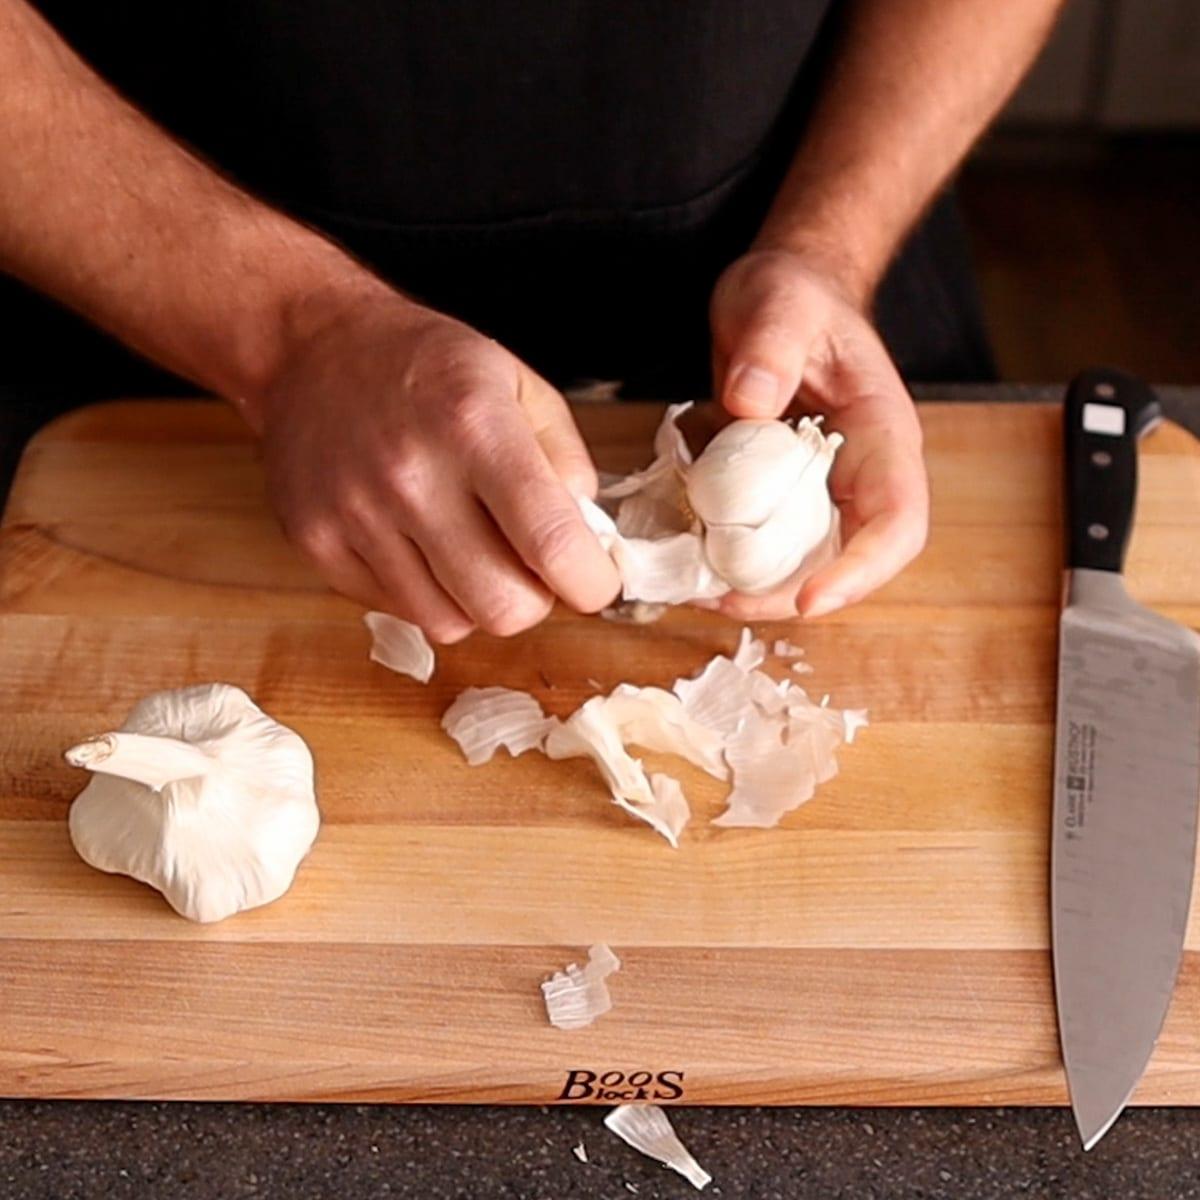 seperating garlic cloves